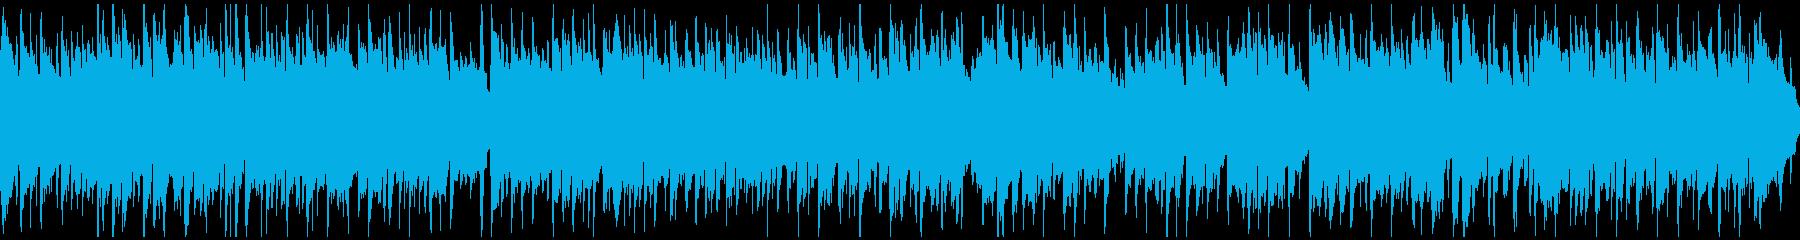 懐かしい田舎の夕焼けリコーダー※ループ版の再生済みの波形